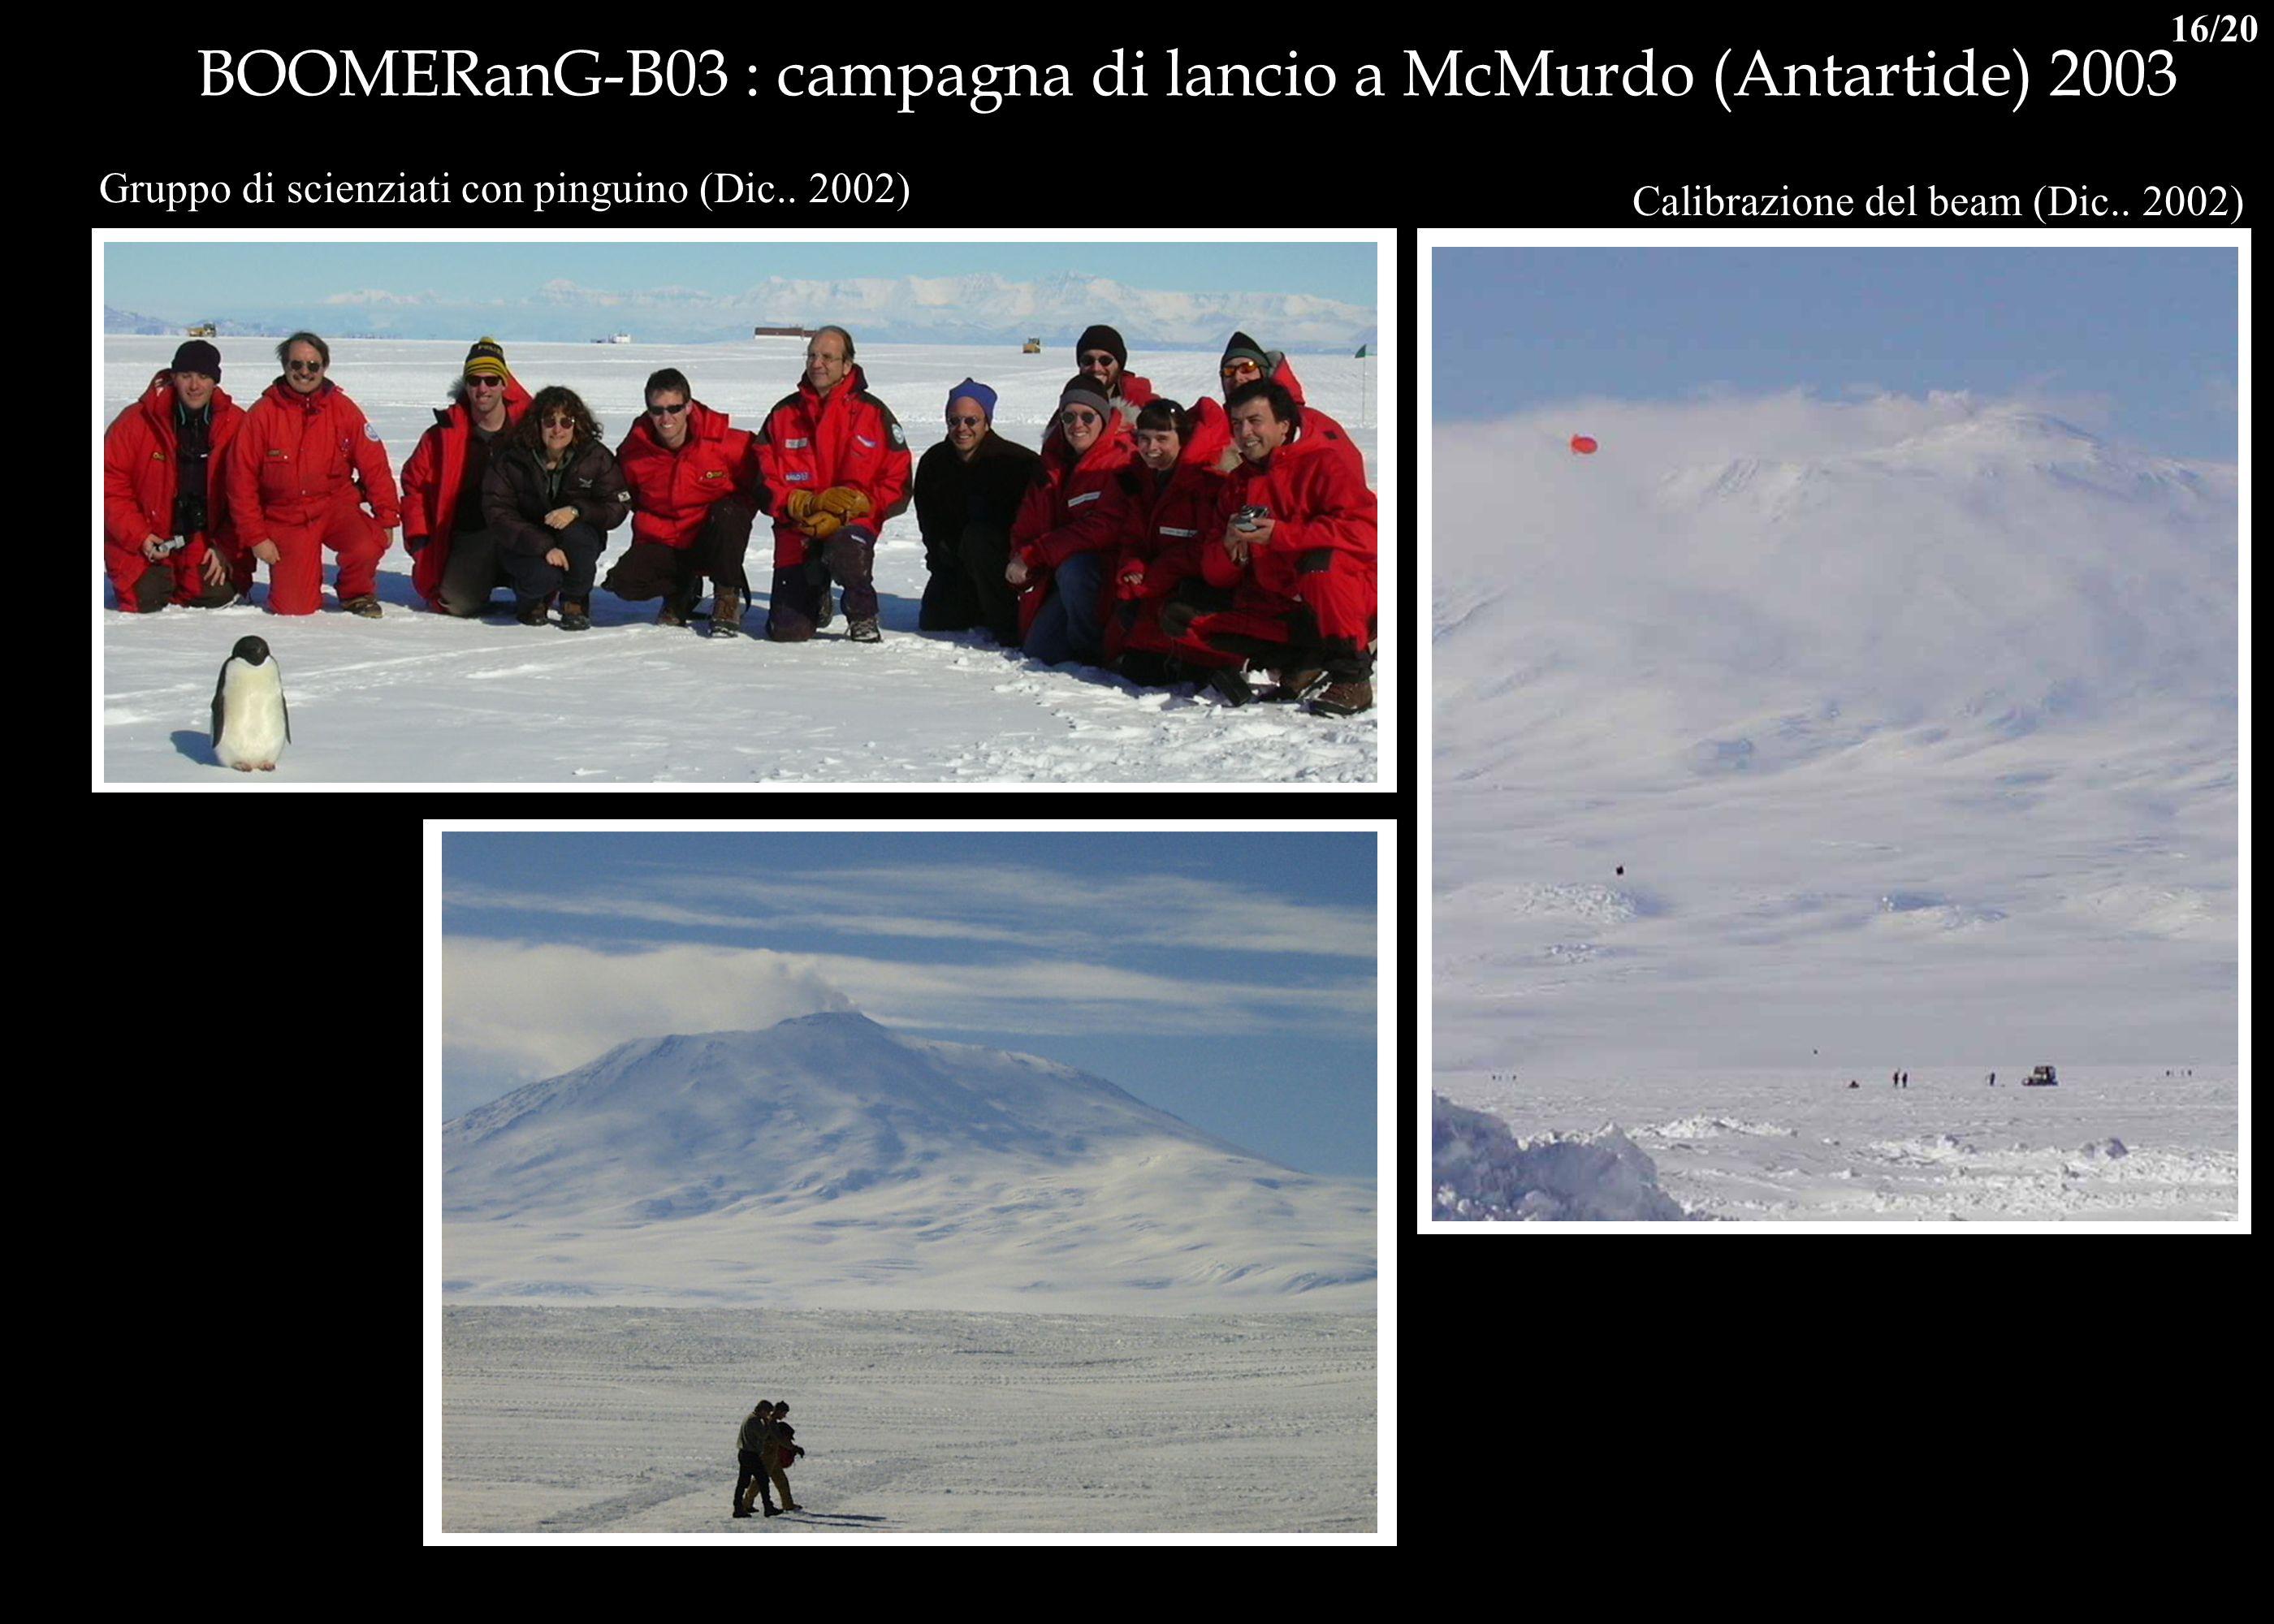 BOOMERanG-B03 : campagna di lancio a McMurdo (Antartide) 2003 Gruppo di scienziati con pinguino (Dic.. 2002) Calibrazione del beam (Dic.. 2002) 16/20